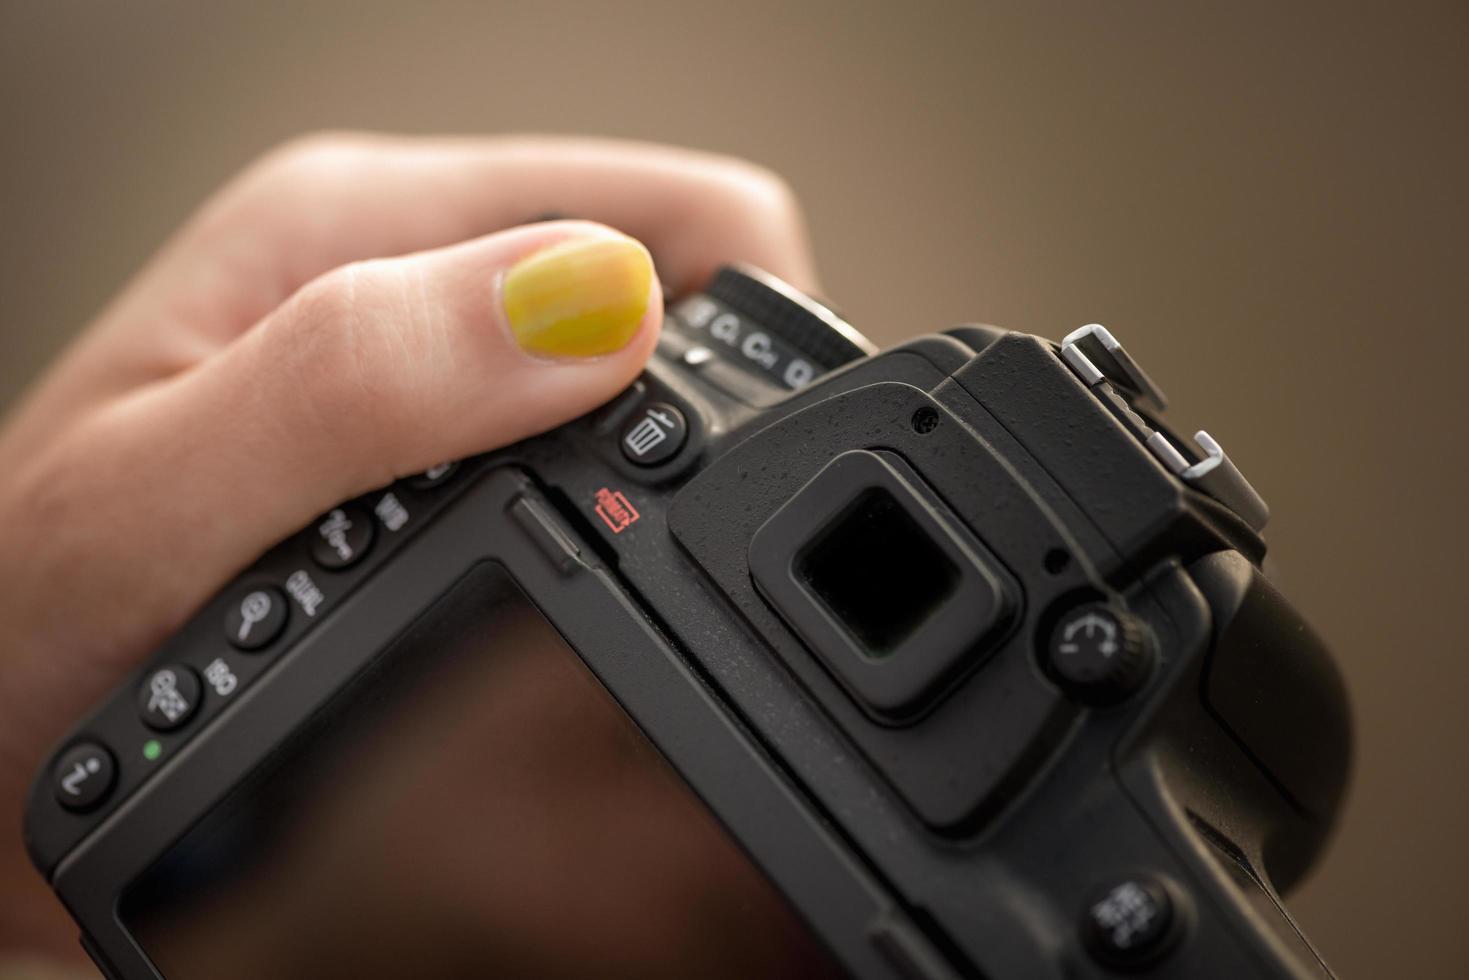 Appareil photo reflex numérique entre les mains de la femme